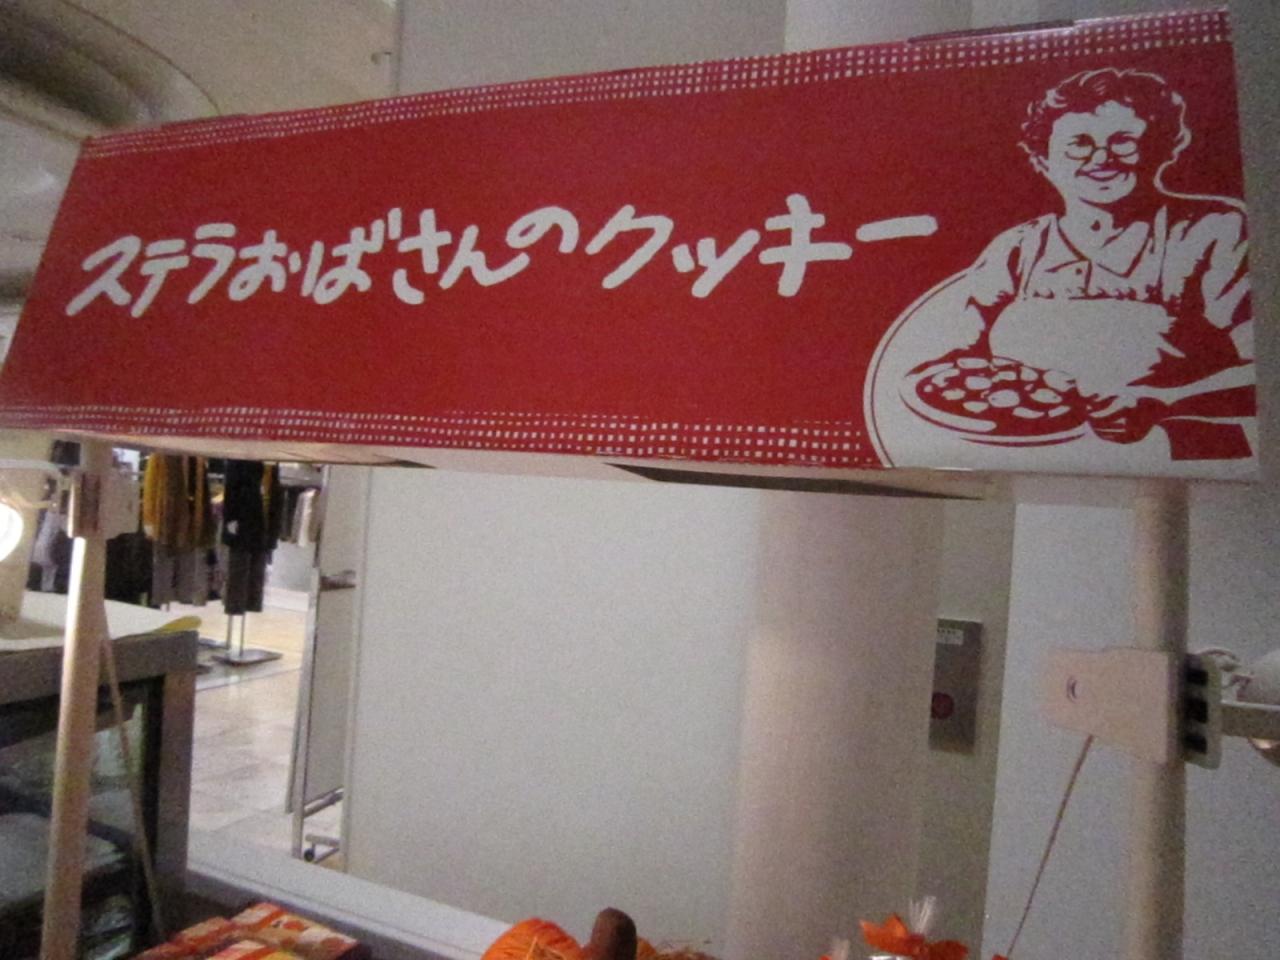 ステラおばさんのクッキー 広島緑井天満屋店